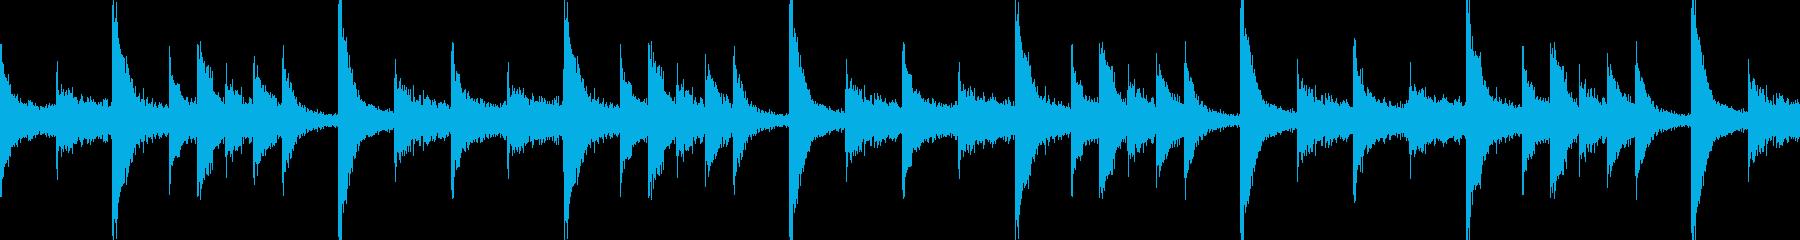 ドラムンベースのリズムループパターン09の再生済みの波形